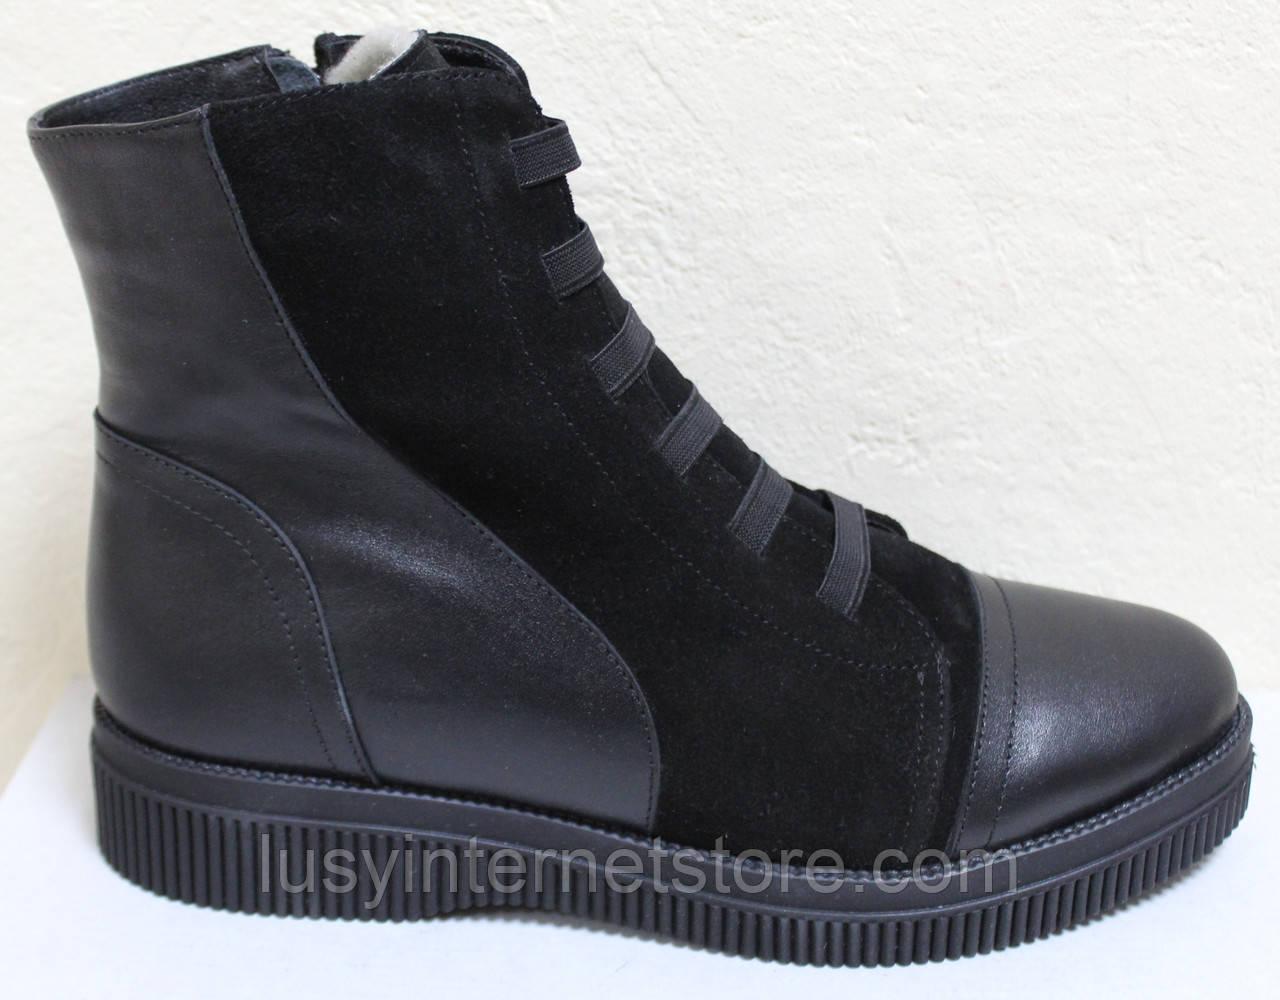 Ботинки женские зимние большого размера на низком ходу от производителя модель БР201